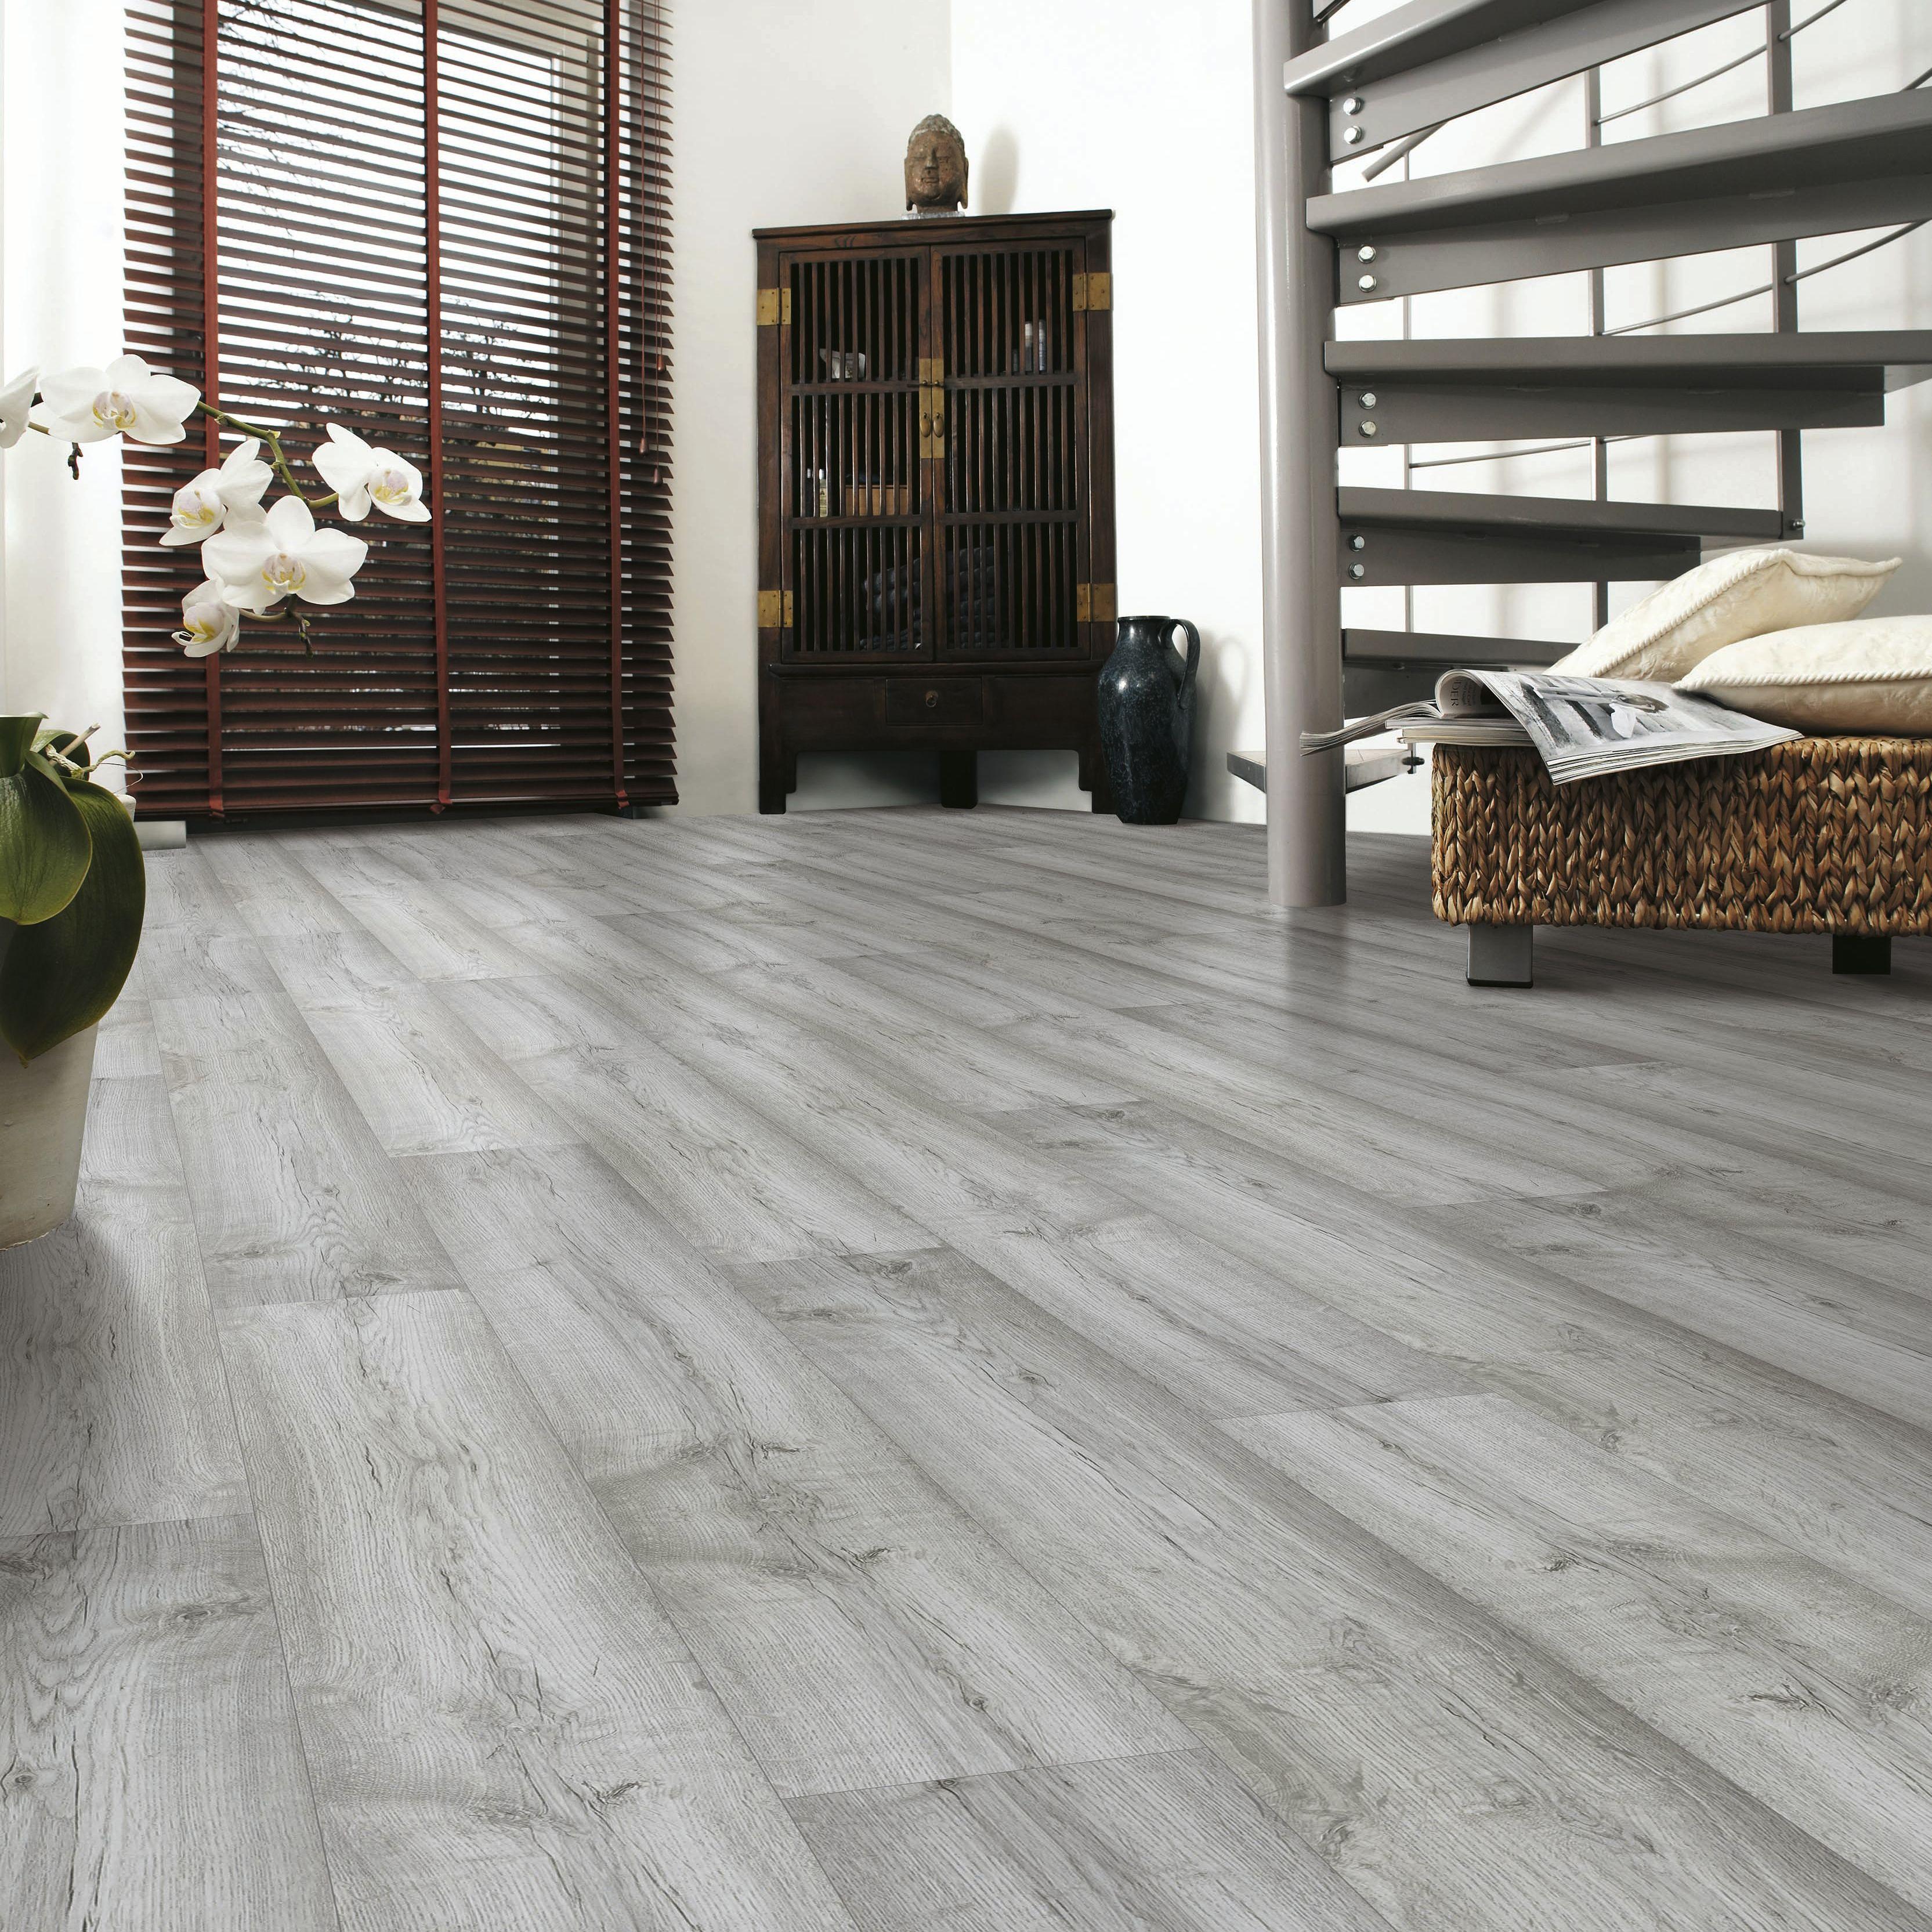 Eurohome Dartmoor Oak Effect Laminate Flooring 1 48m 178